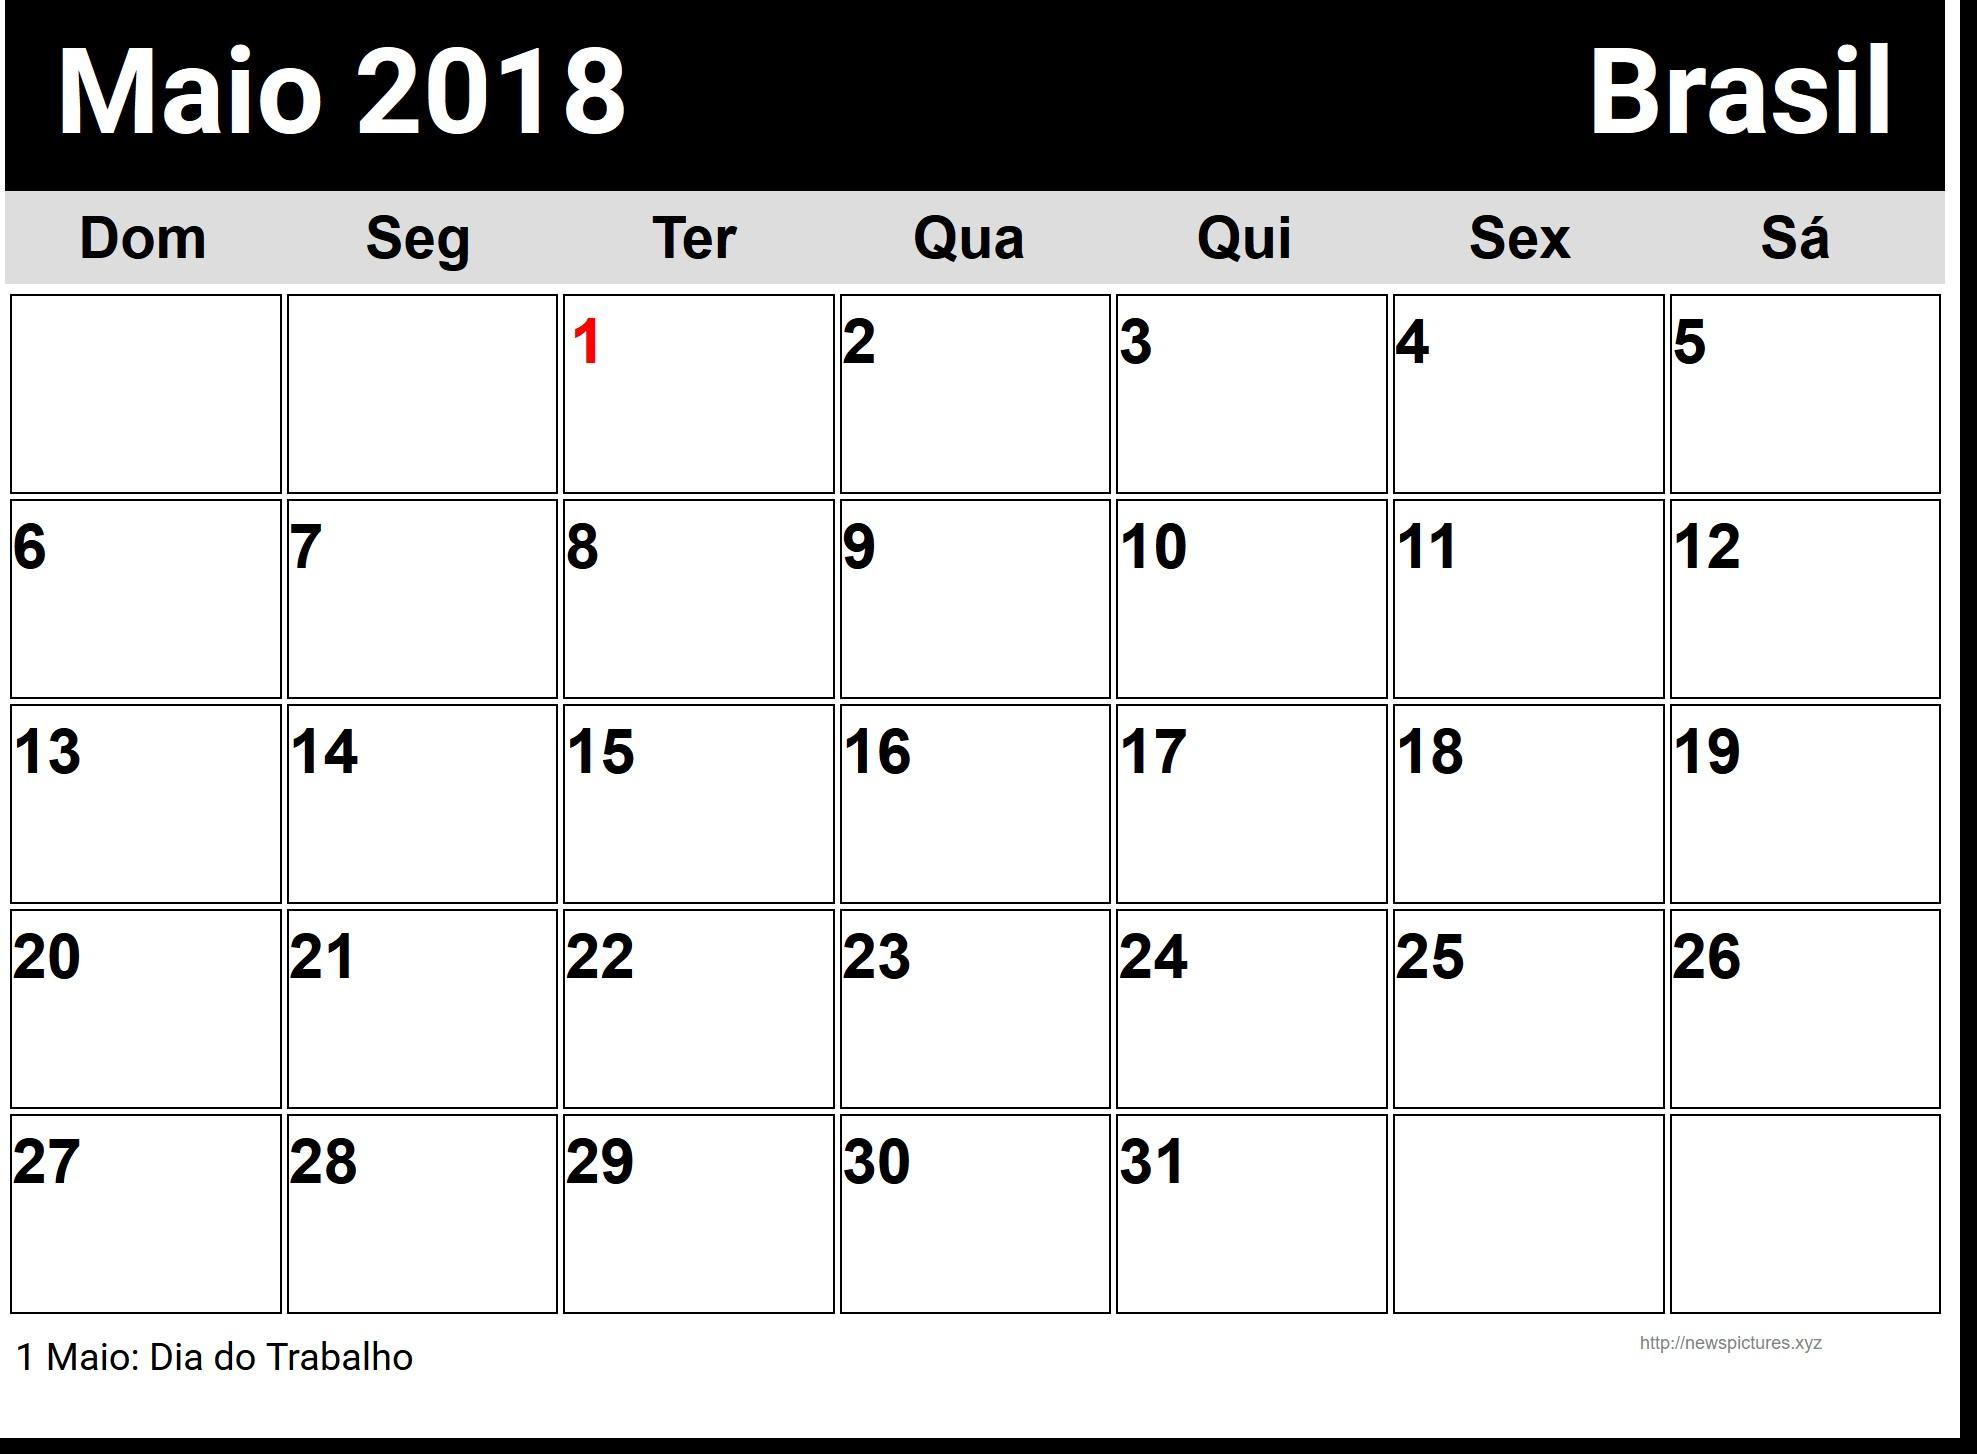 Calendario 2019 Para Imprimir Argentina Feriados Más Reciente Dom Lun Imprimir Dias Festivos Newspictures Of Calendario 2019 Para Imprimir Argentina Feriados Actual Calendarios Por Meses Affordable Imgenes De Calendarios Con Color